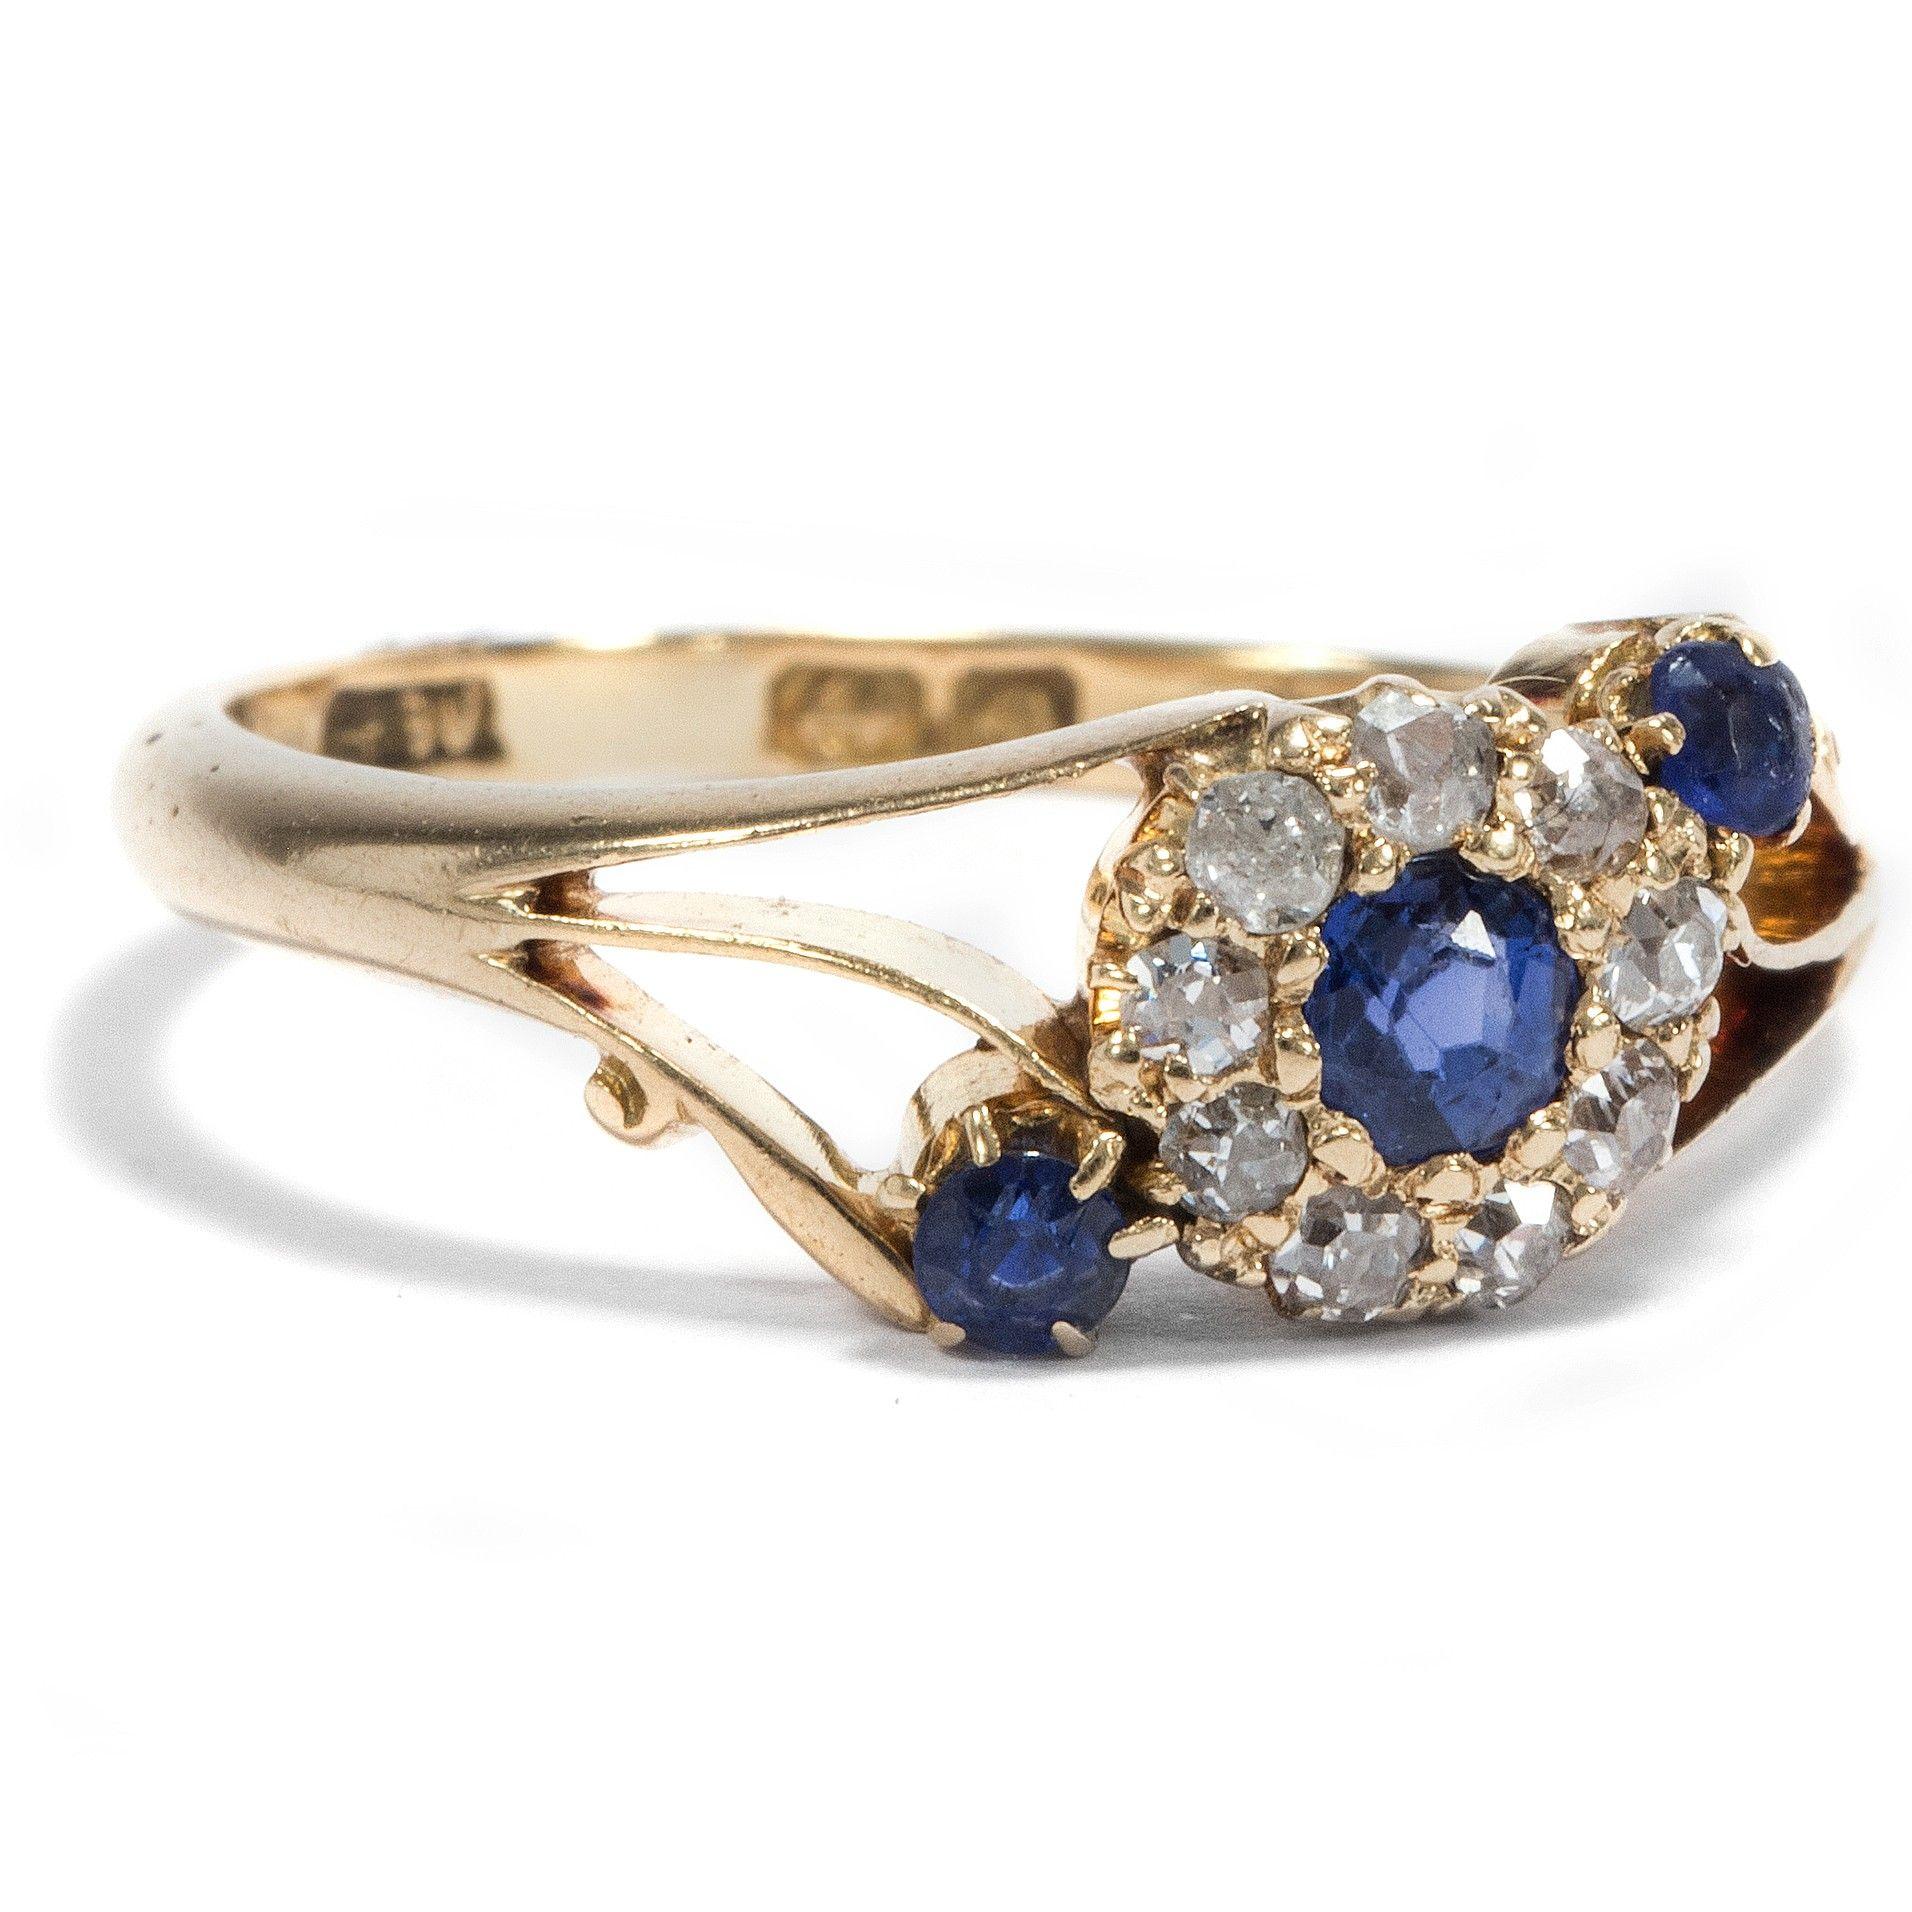 Liebe, Treue, Ewigkeit - Feiner Goldring mit Saphir & Diamanten, Birmingham 1913 von Hofer Antikschmuck aus Berlin // #hoferantikschmuck #antik #schmuck #antique #jewellery #jewelry